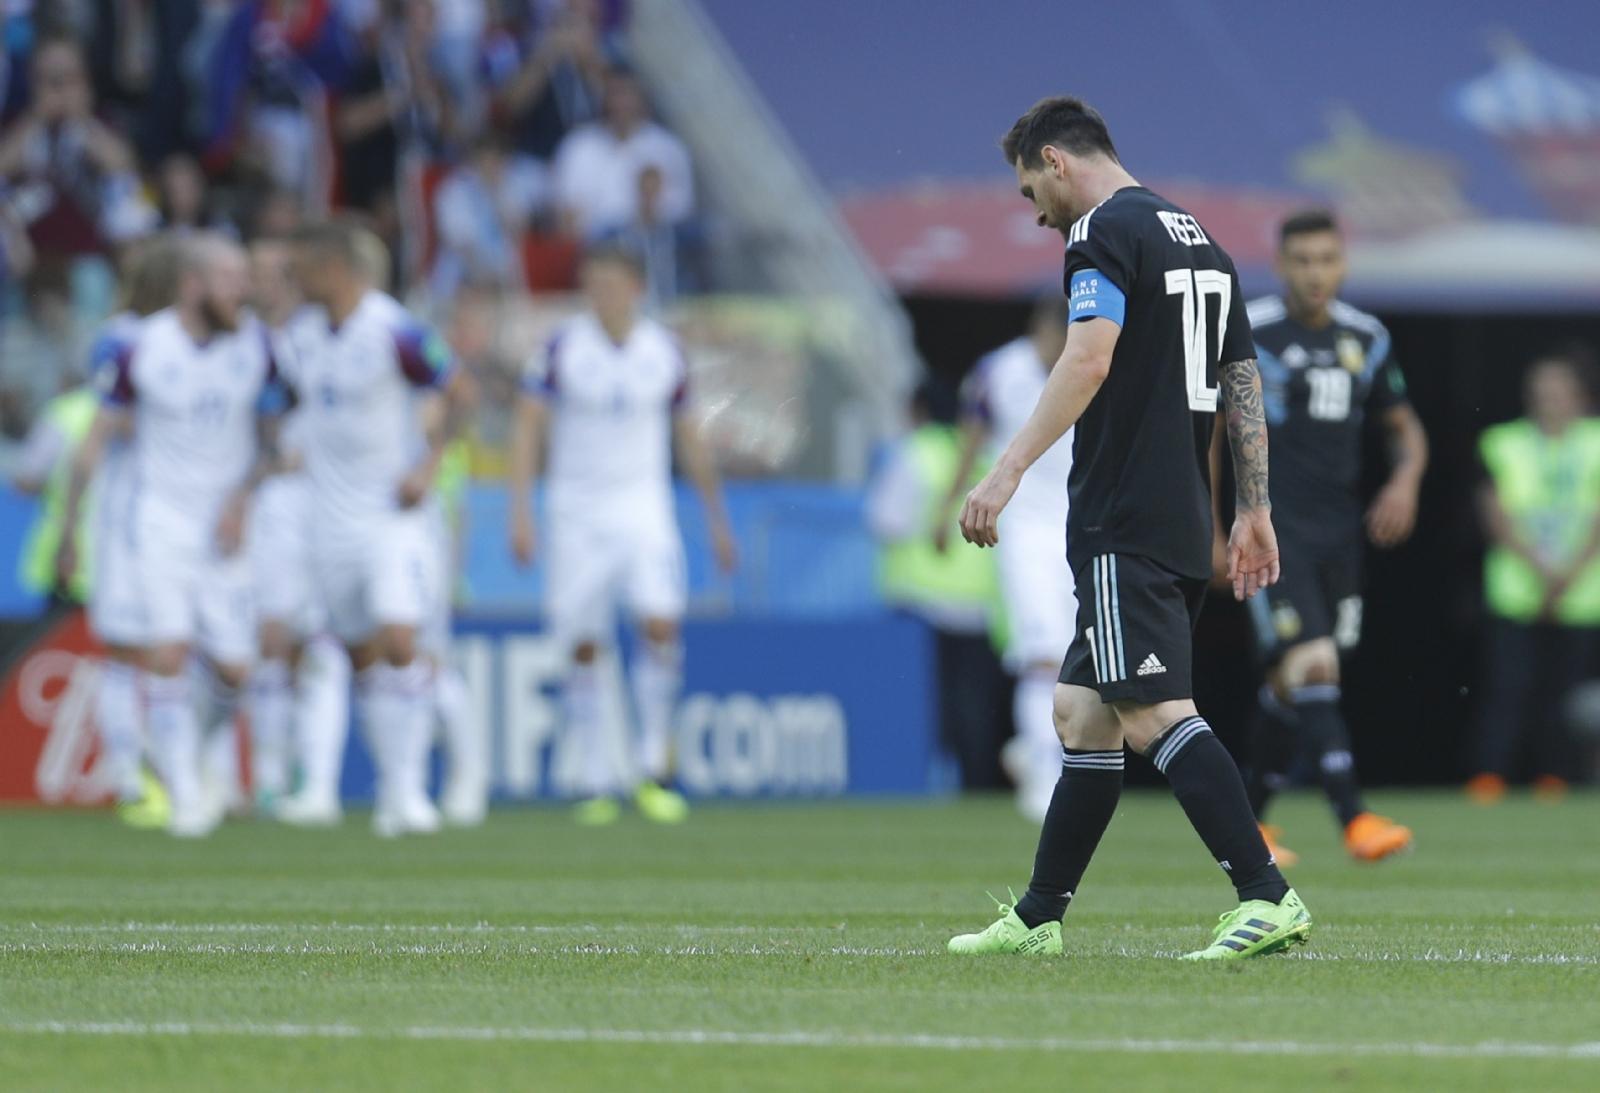 Islandia dio cátedra en defensa ante Argentina: DT de Islandia